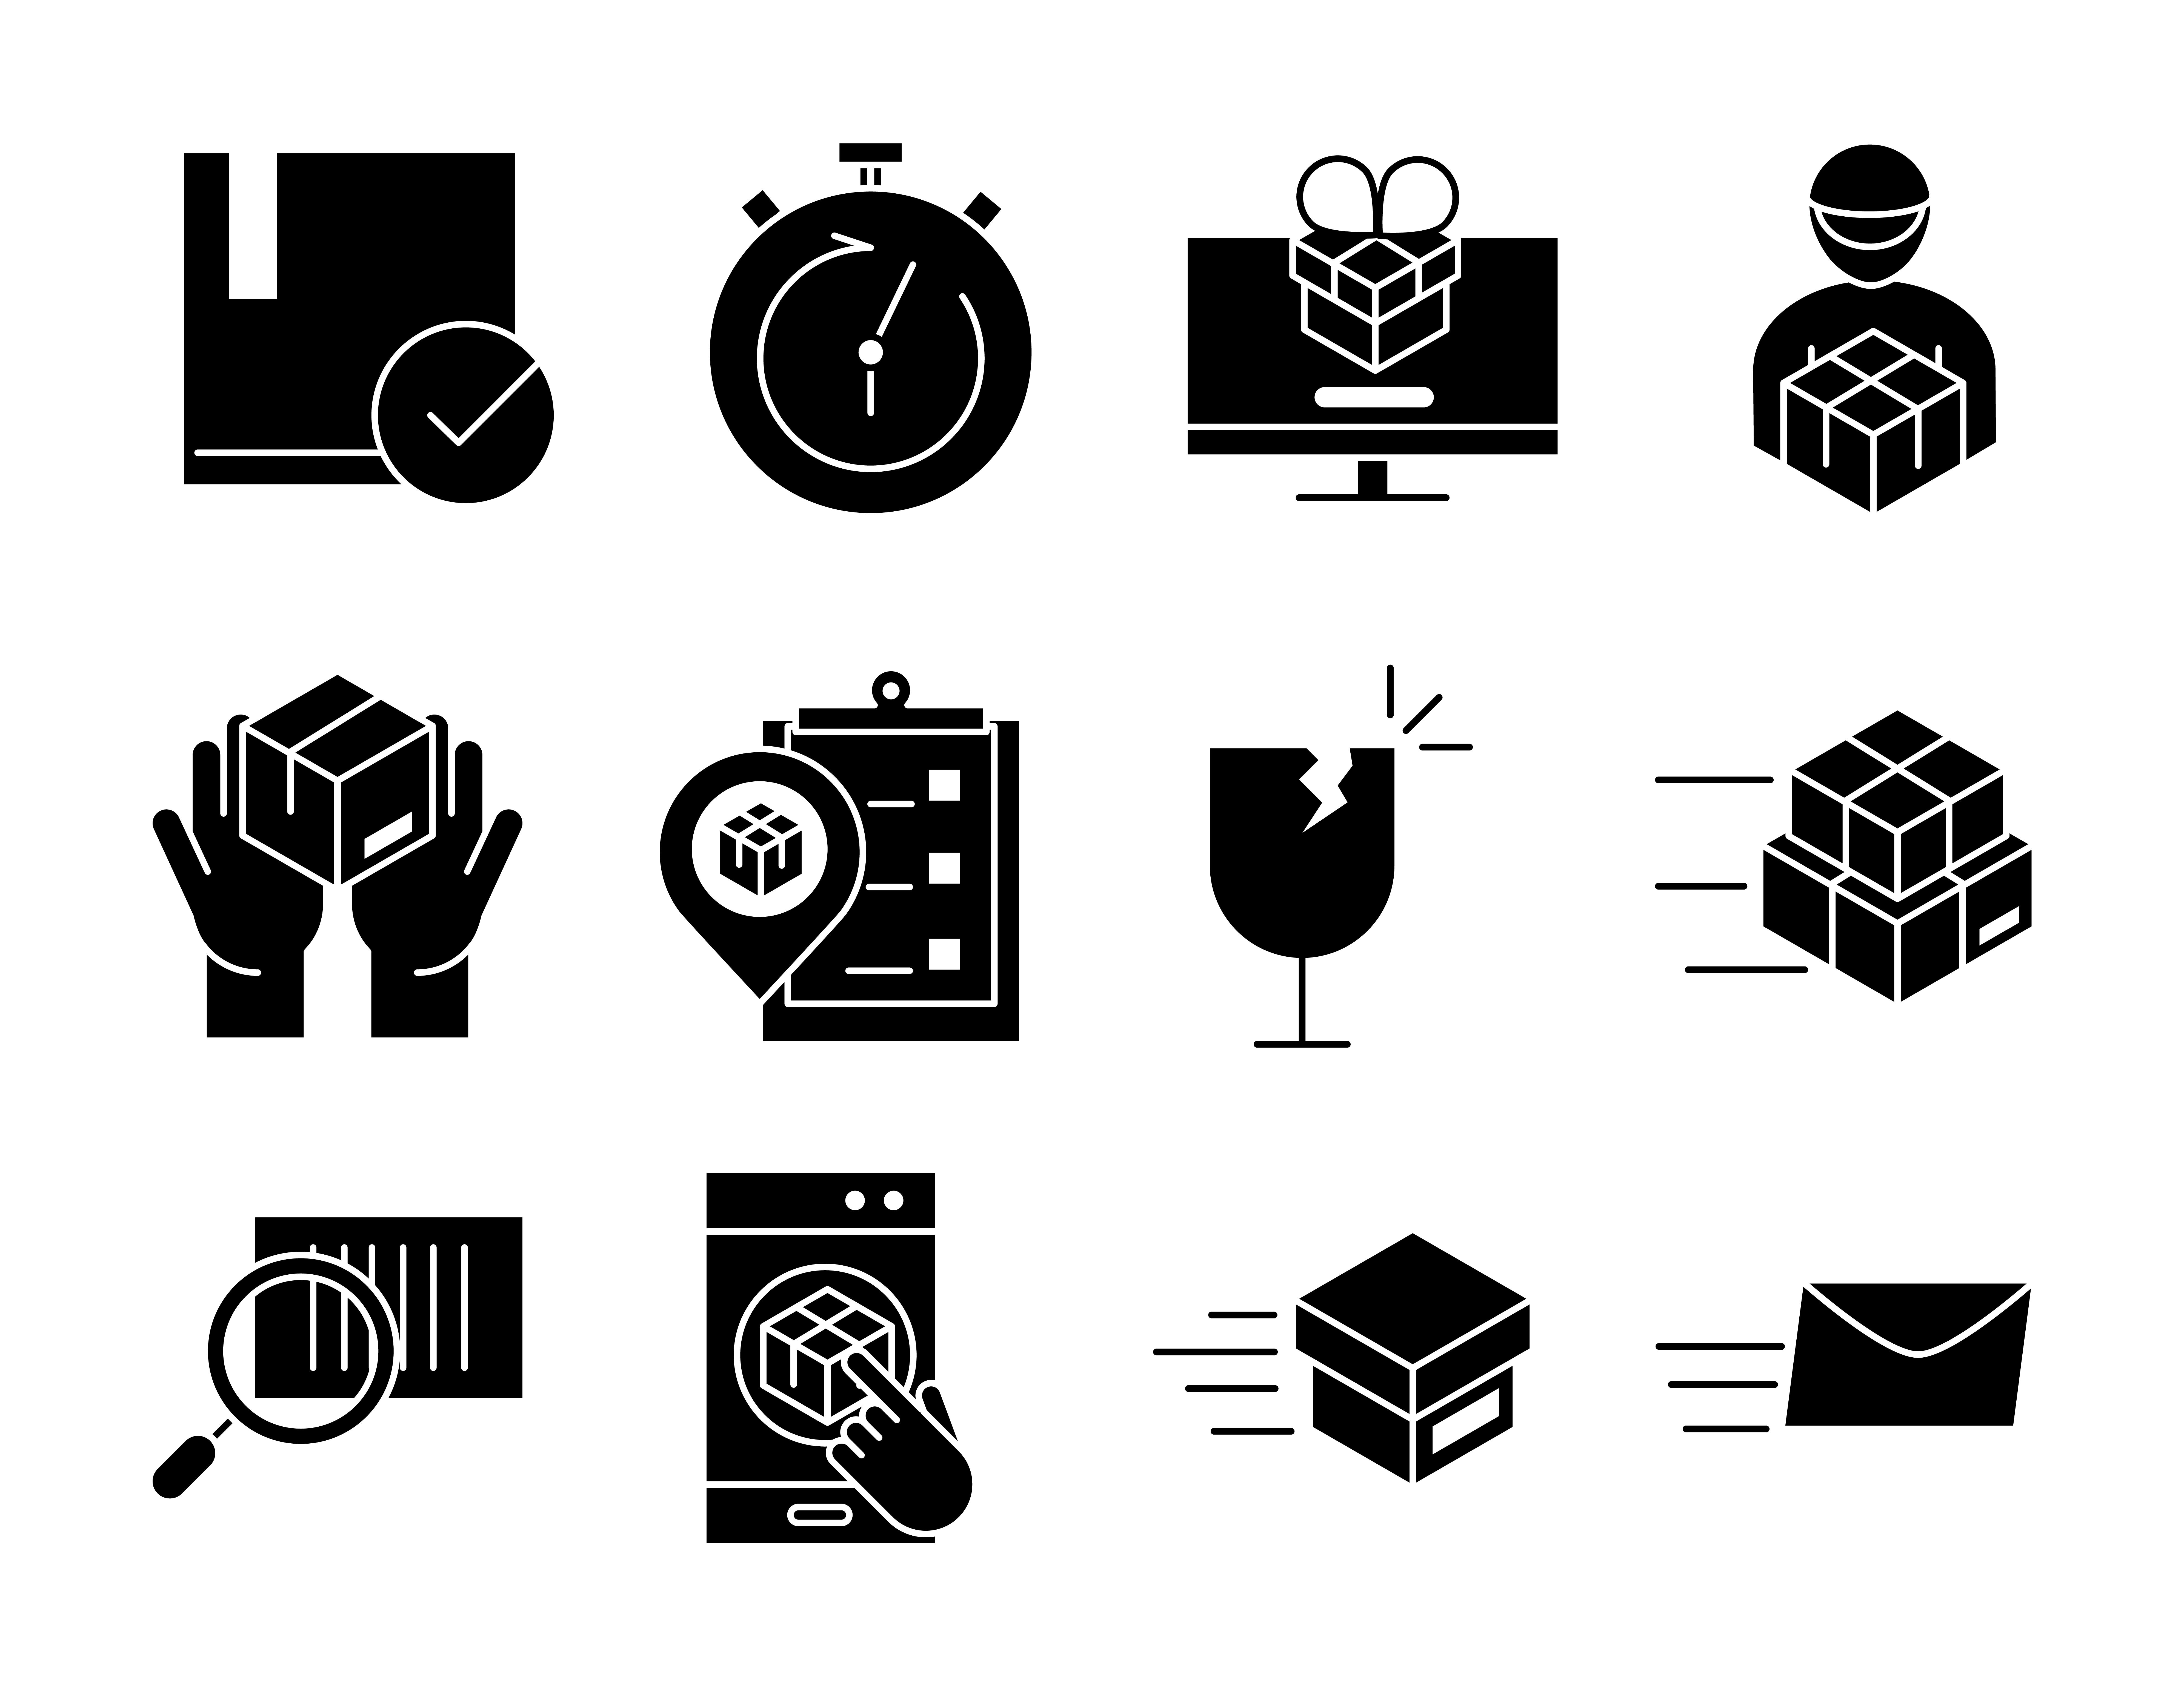 entrega y logística conjunto de iconos negros